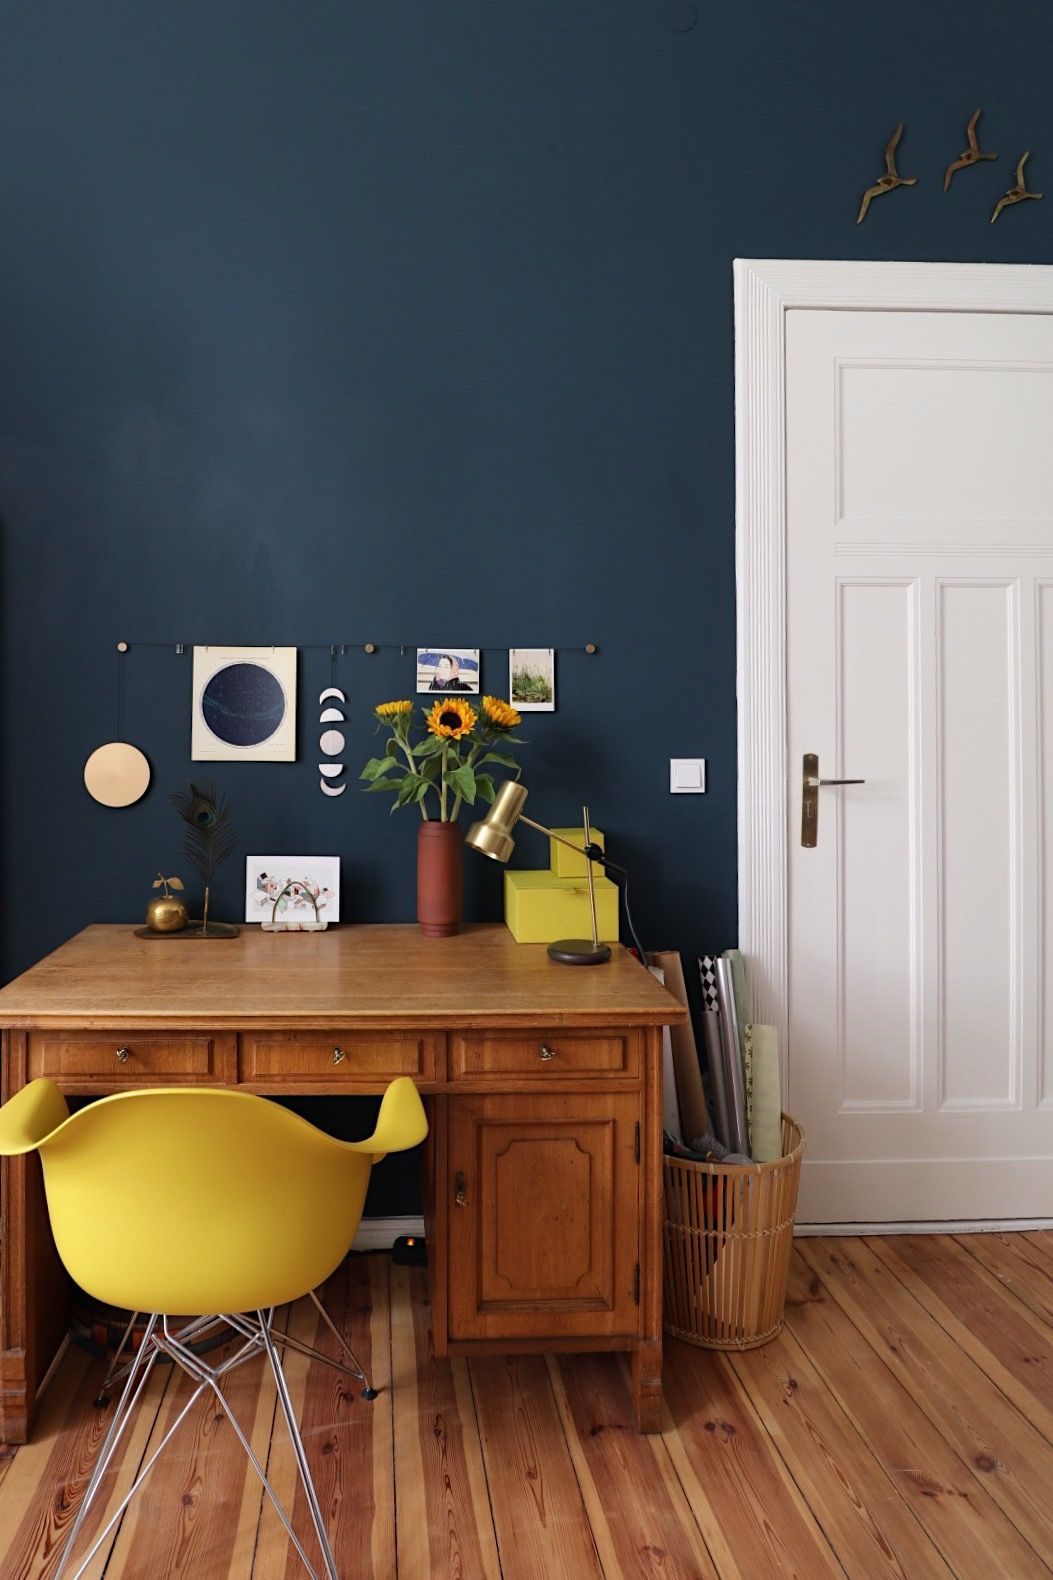 zimmer einrichten die perfekte zimmergestaltung seite 3. Black Bedroom Furniture Sets. Home Design Ideas